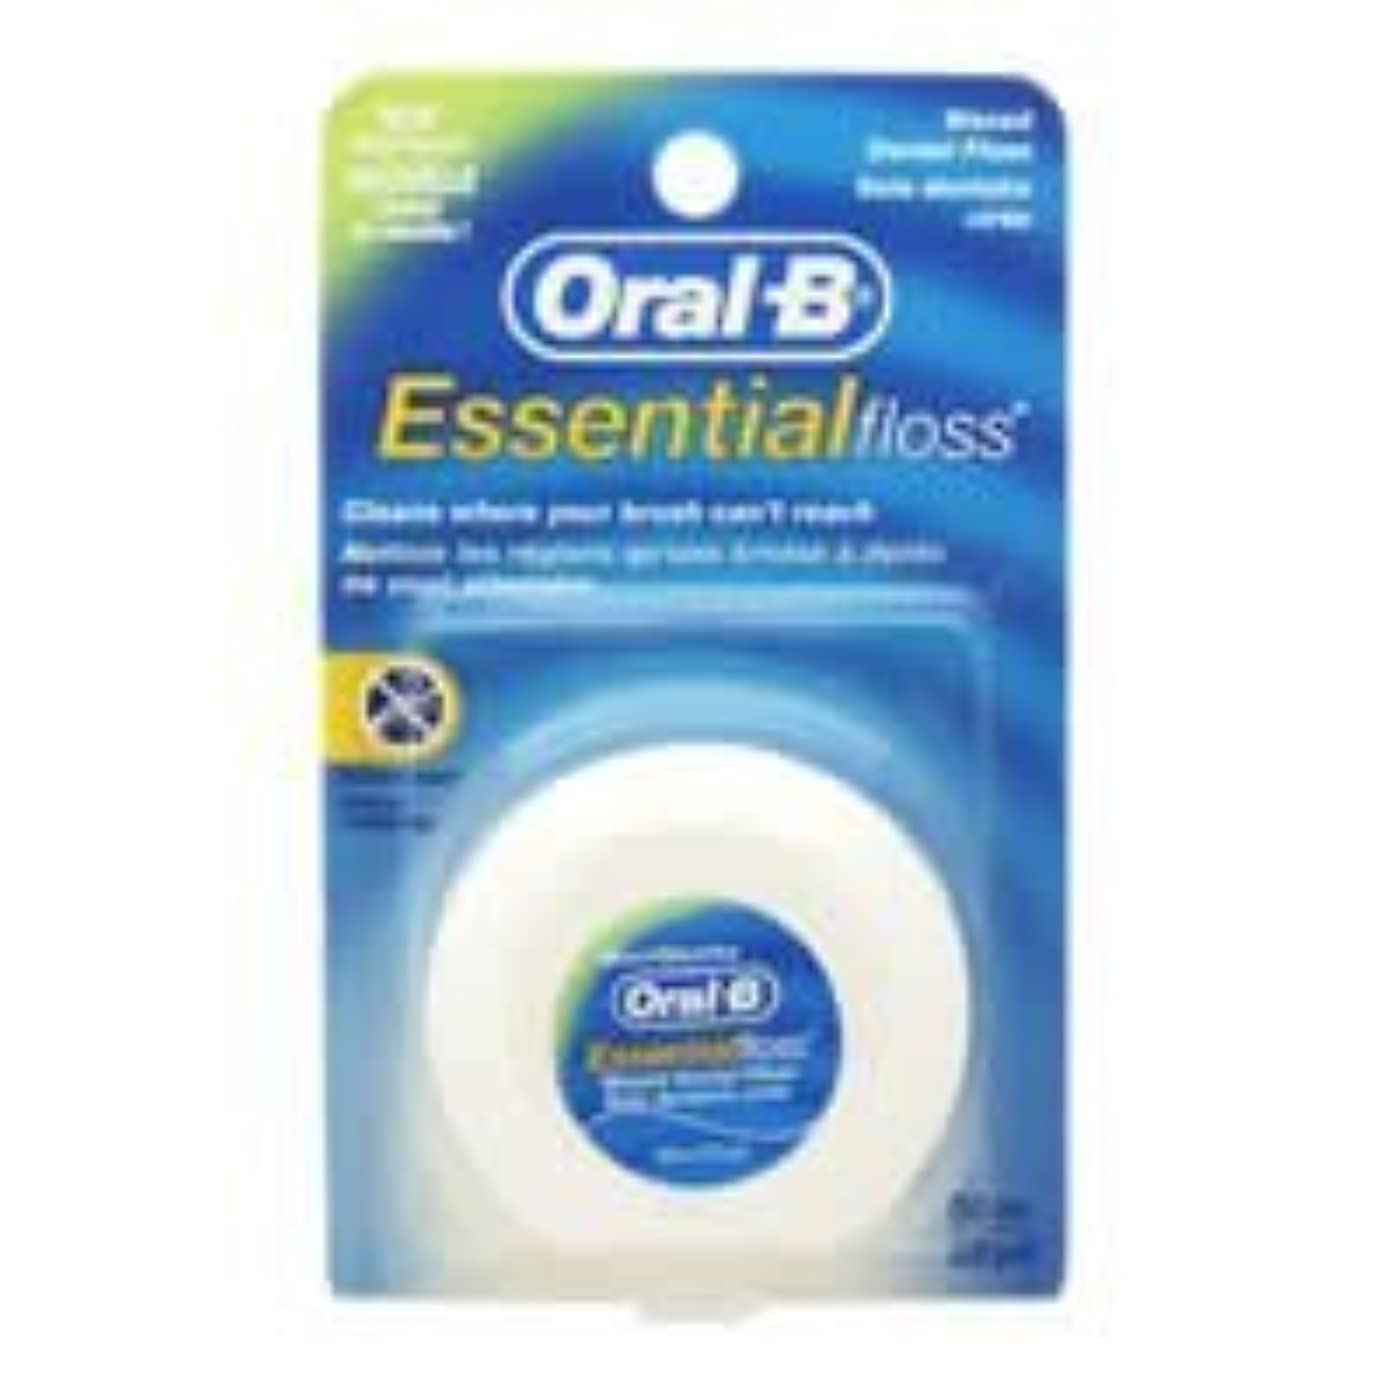 費用一貫性のない必要としているOral-B Essential Waxed Dental Floss Mint by Oral-B